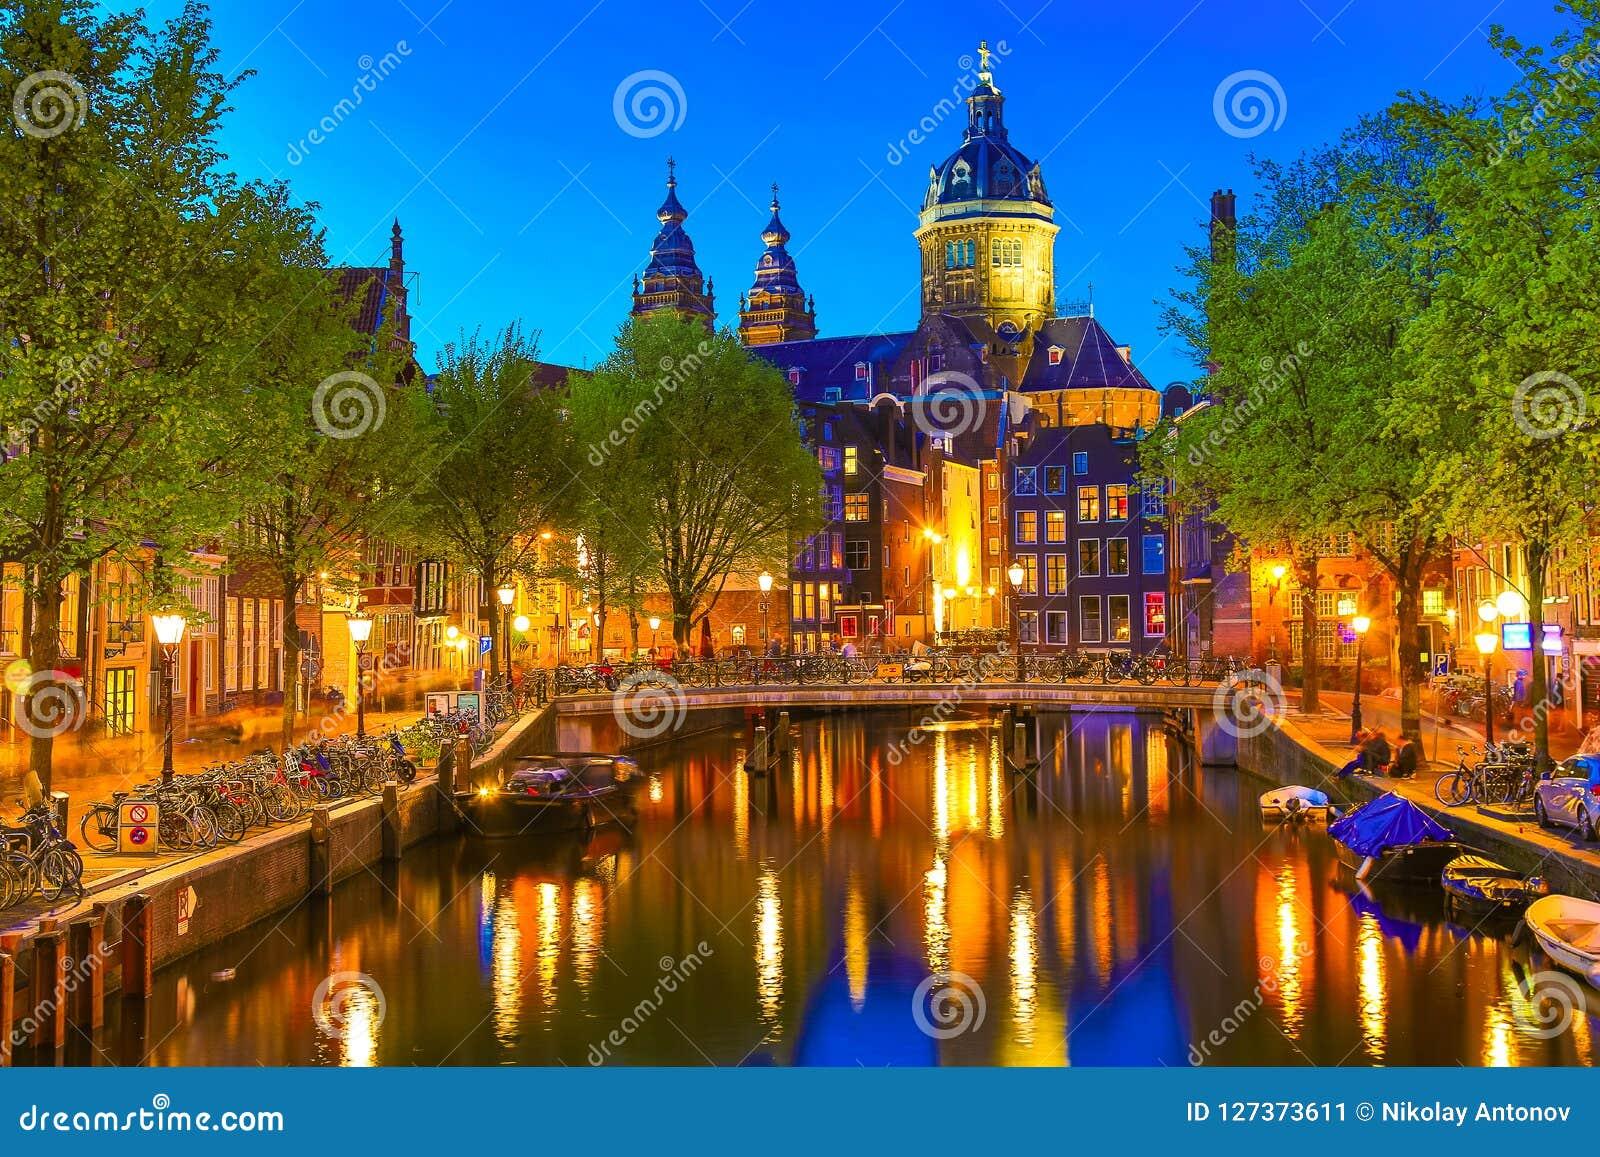 Kanaal en St Nicholas Church in Amsterdam bij schemering, Nederland Het beroemde oriëntatiepunt van Amsterdam dichtbij Centrale P